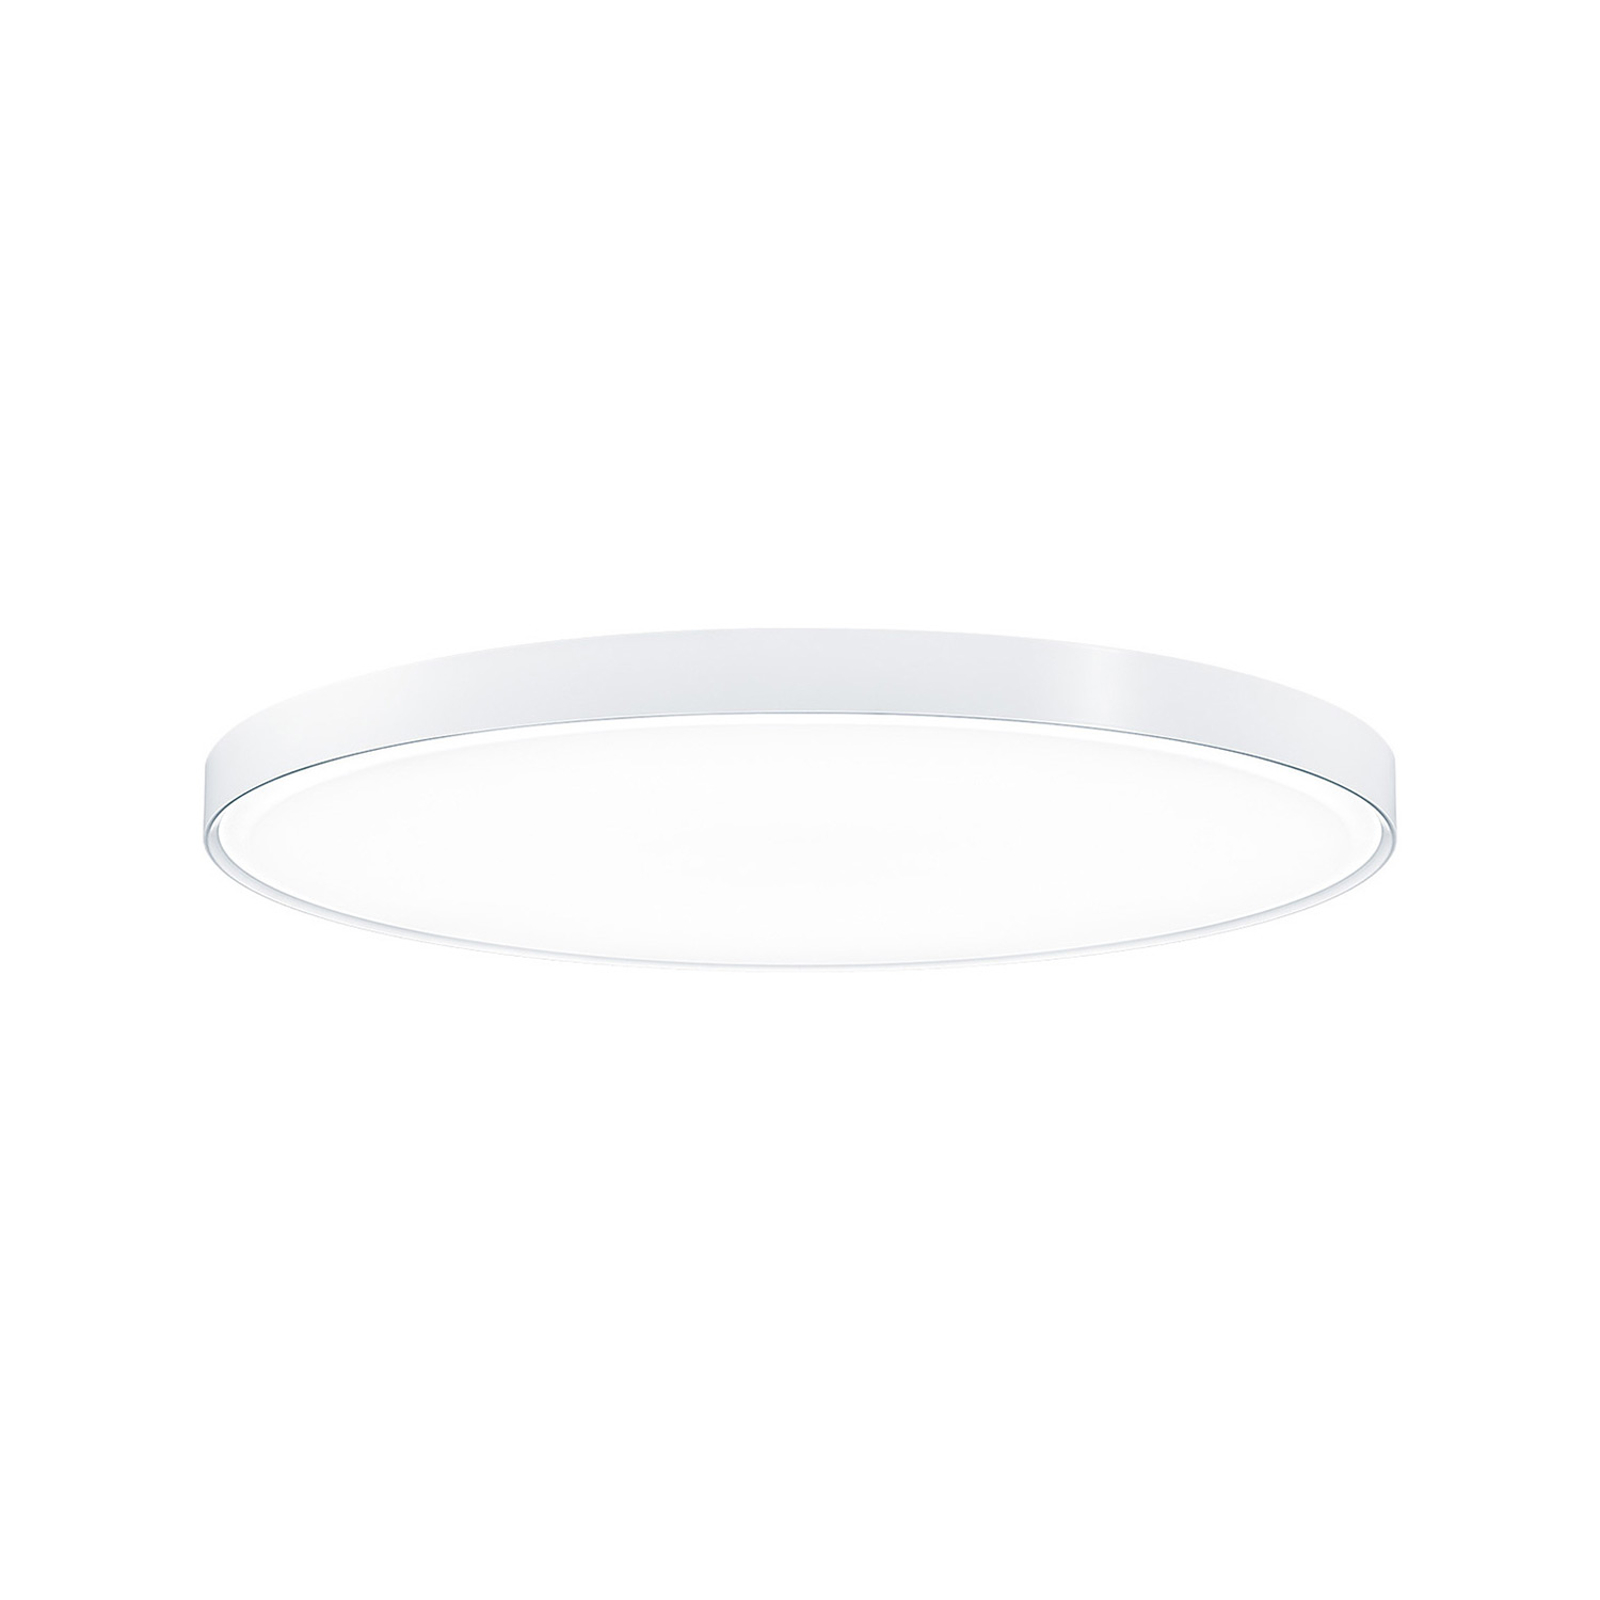 Zumtobel Ondaria LED-Deckenleuchte Ø 87cm, 4.000K